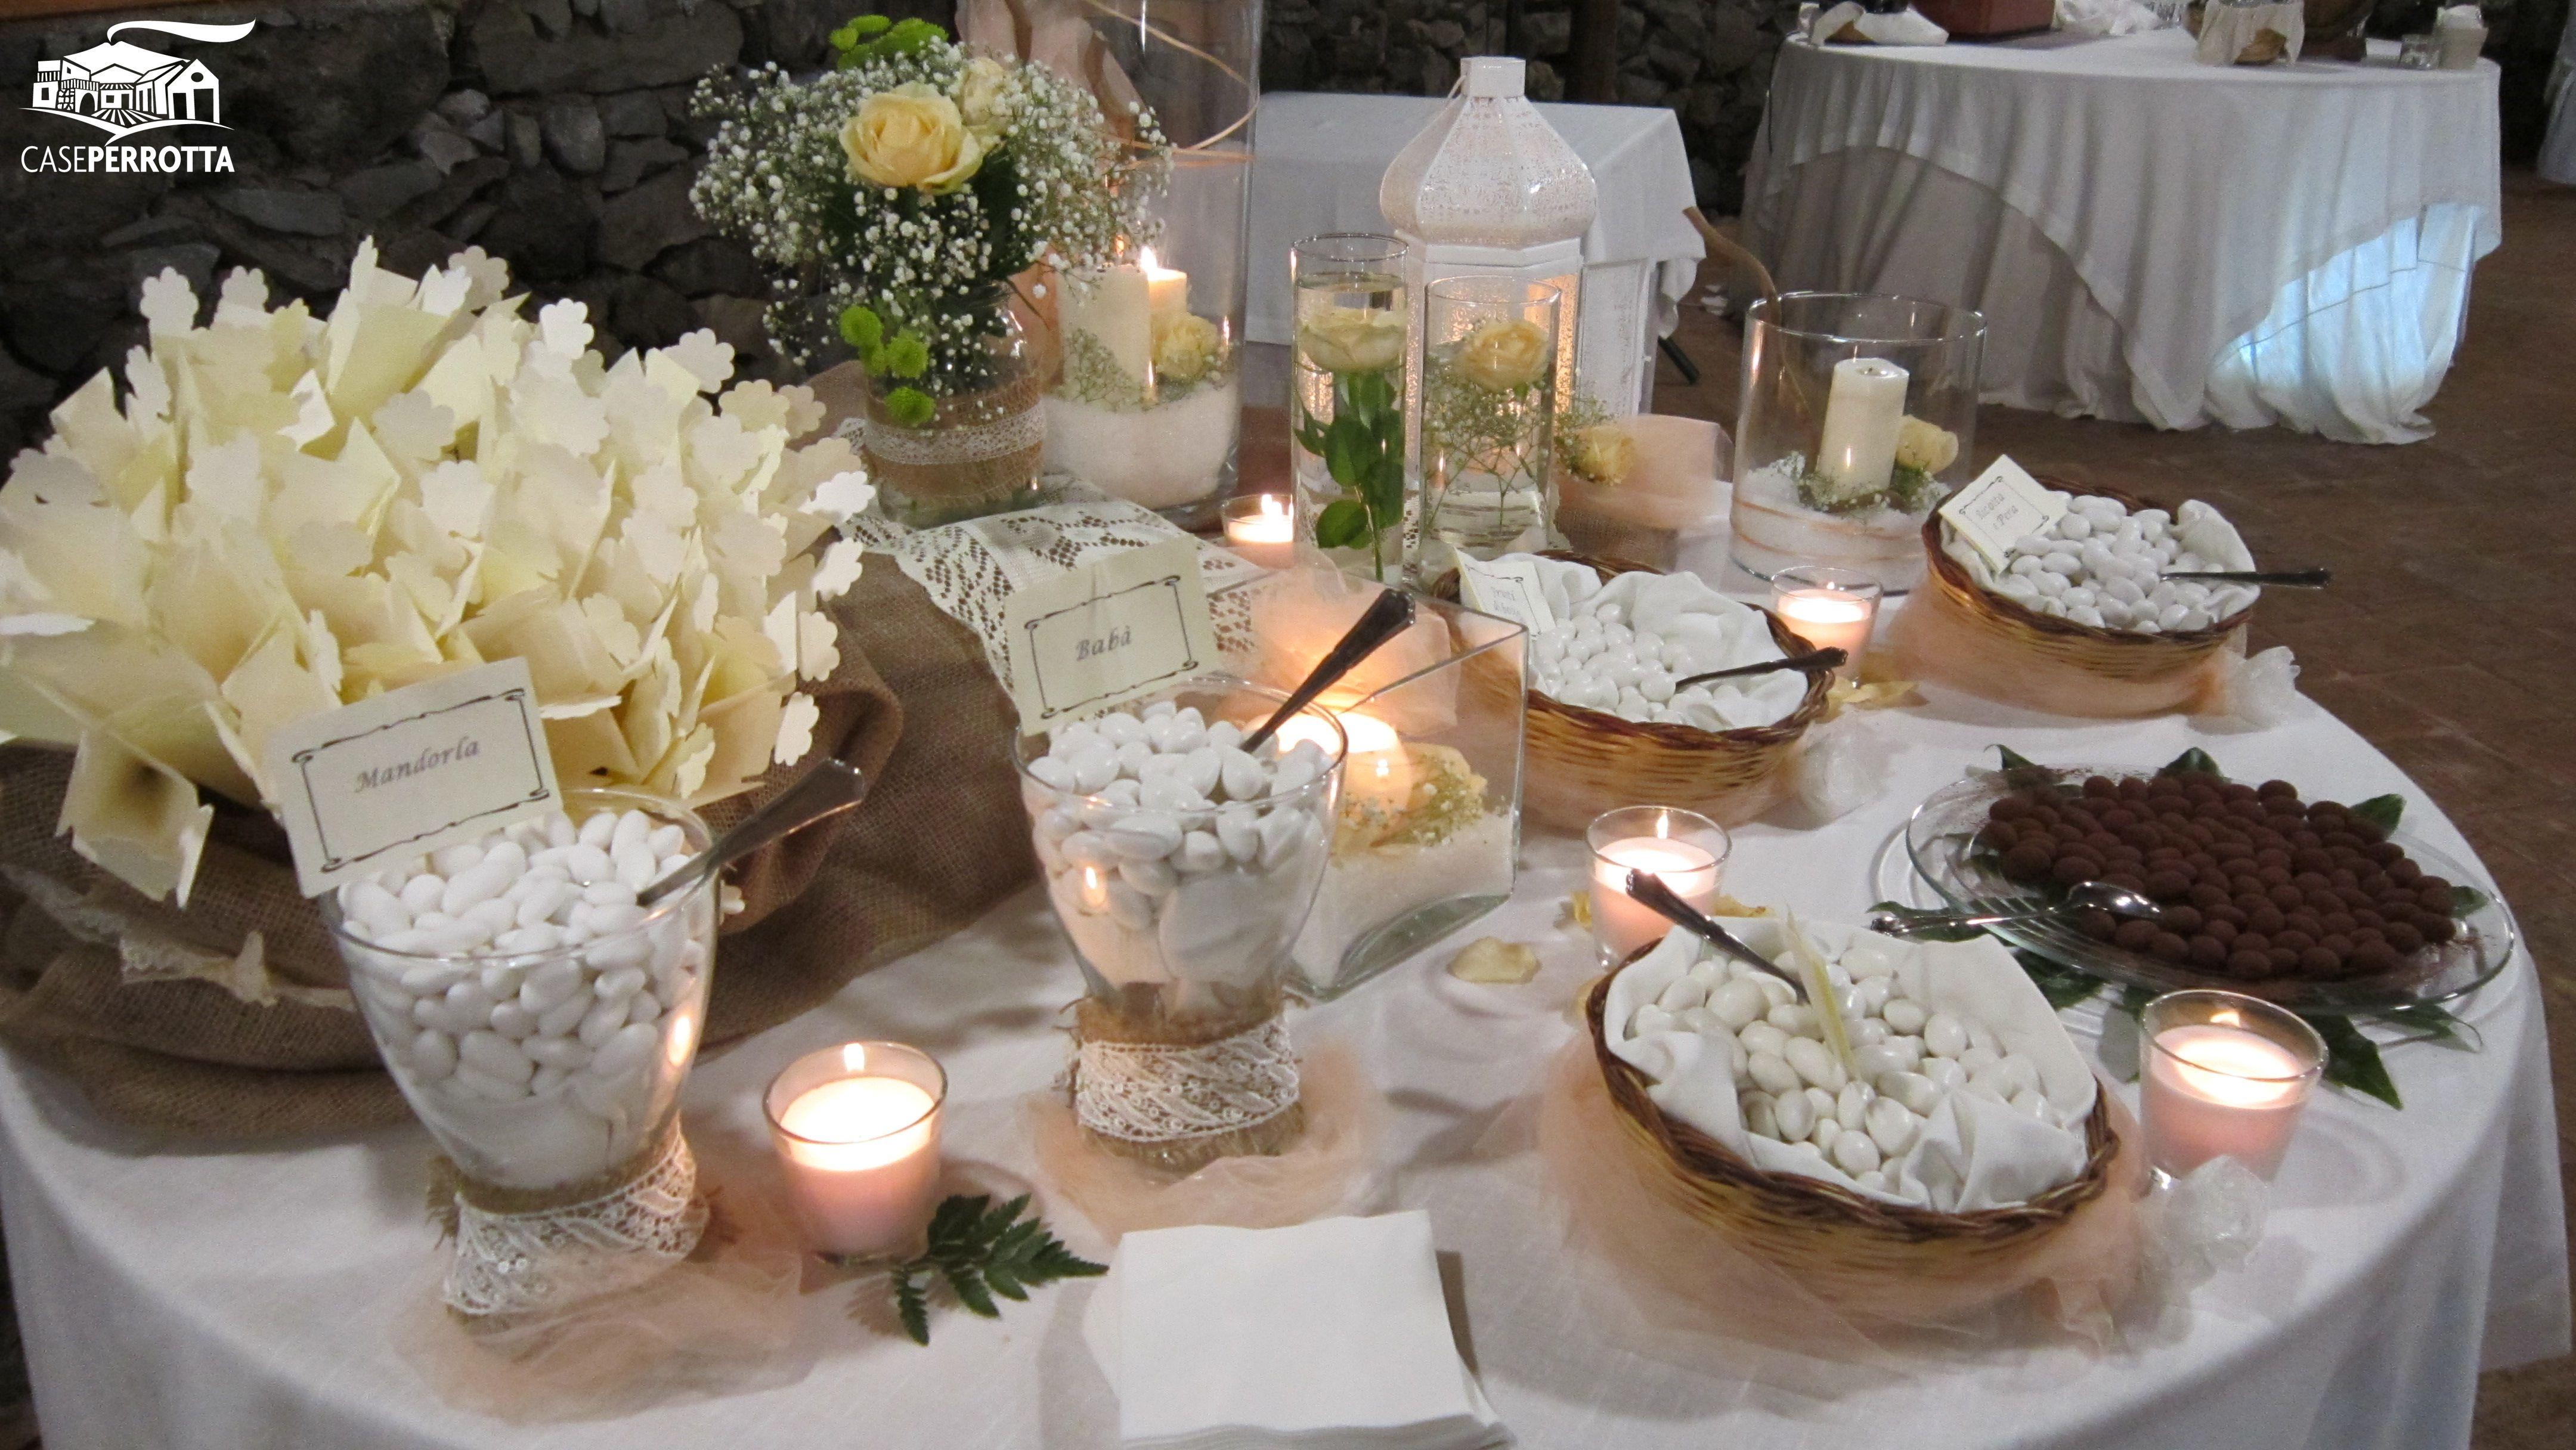 Confettata Matrimonio Country Chic : Allestimento confettata con rose e confetti tartufati al